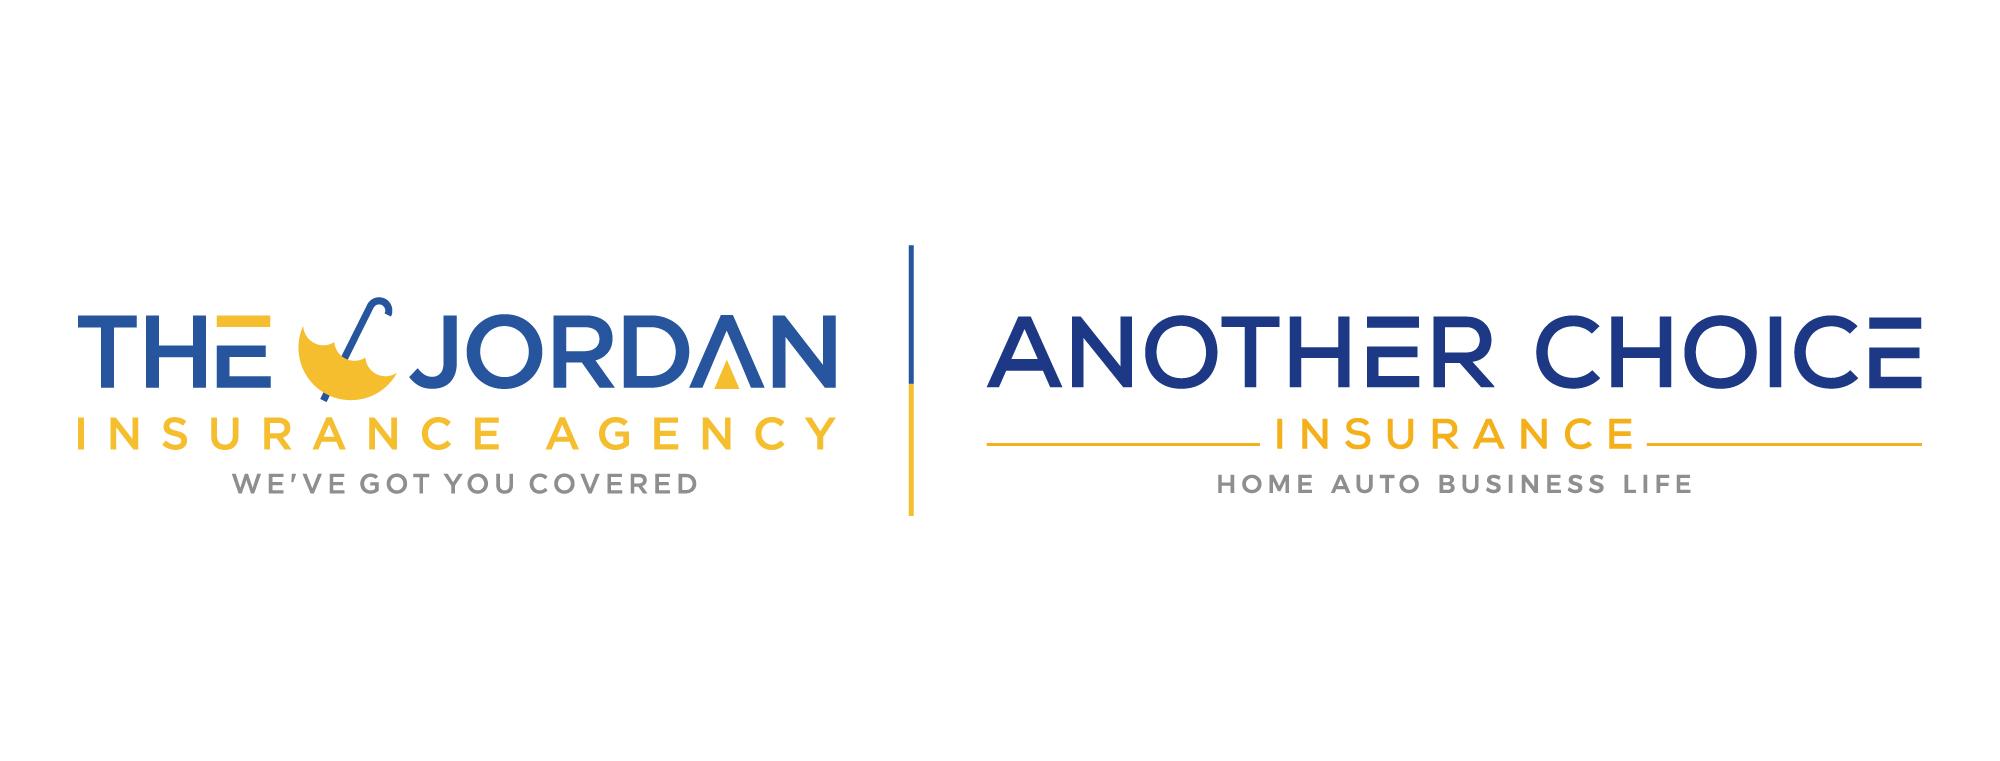 the jordan insurance